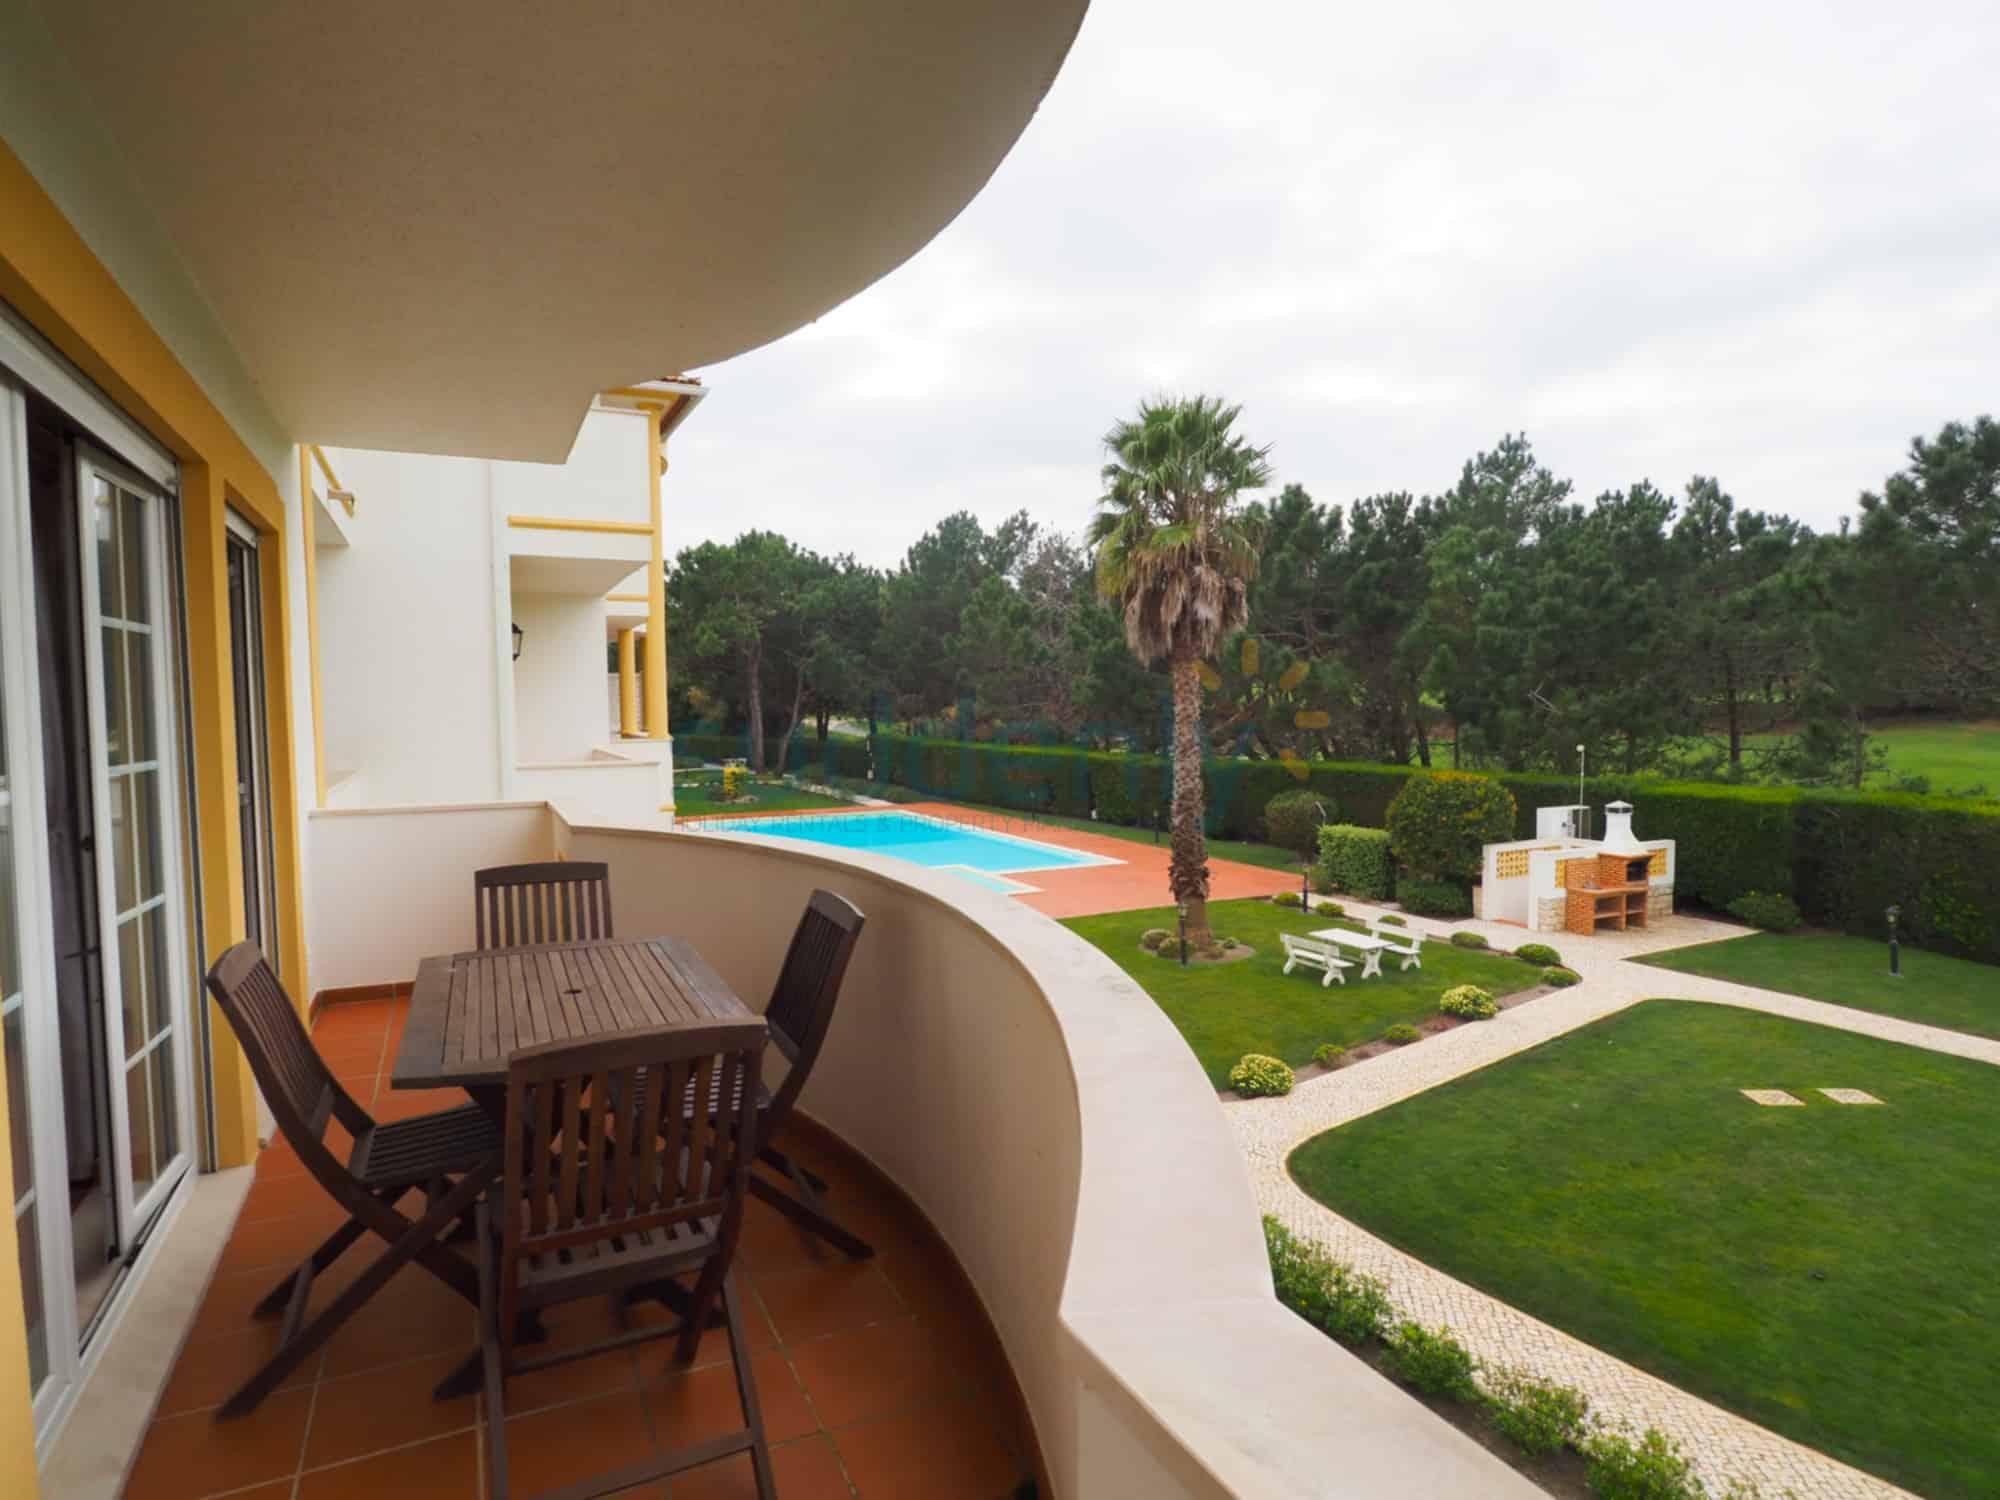 Holiday Rentals in Praia D'El Rey 171